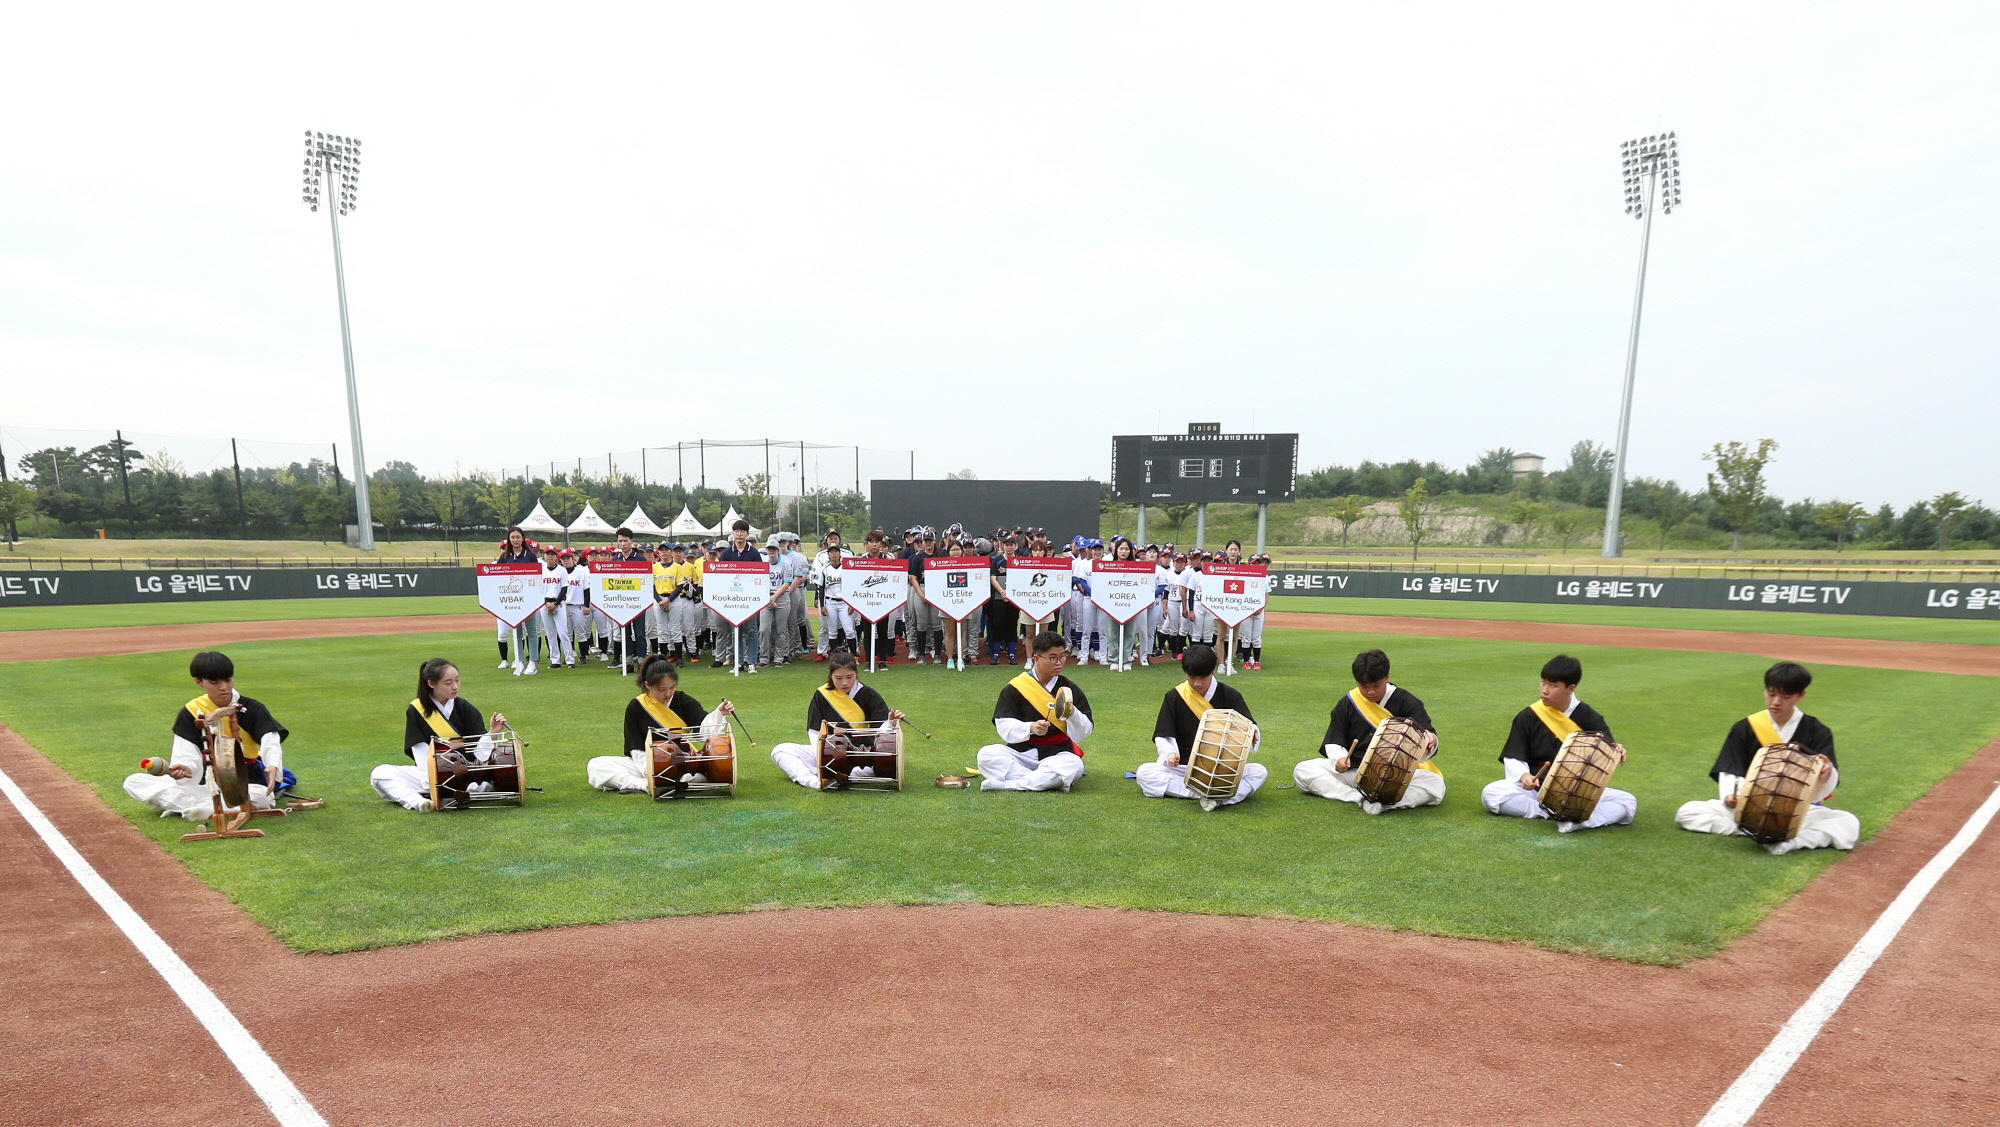 22일 경기도 이천시 소재 'LG챔피언스파크'에서 열린 'LG컵 국제여자야구대회' 개막식에서 국립국악고등학교예술단 학생들이 축하공연을 펼치고 있다.